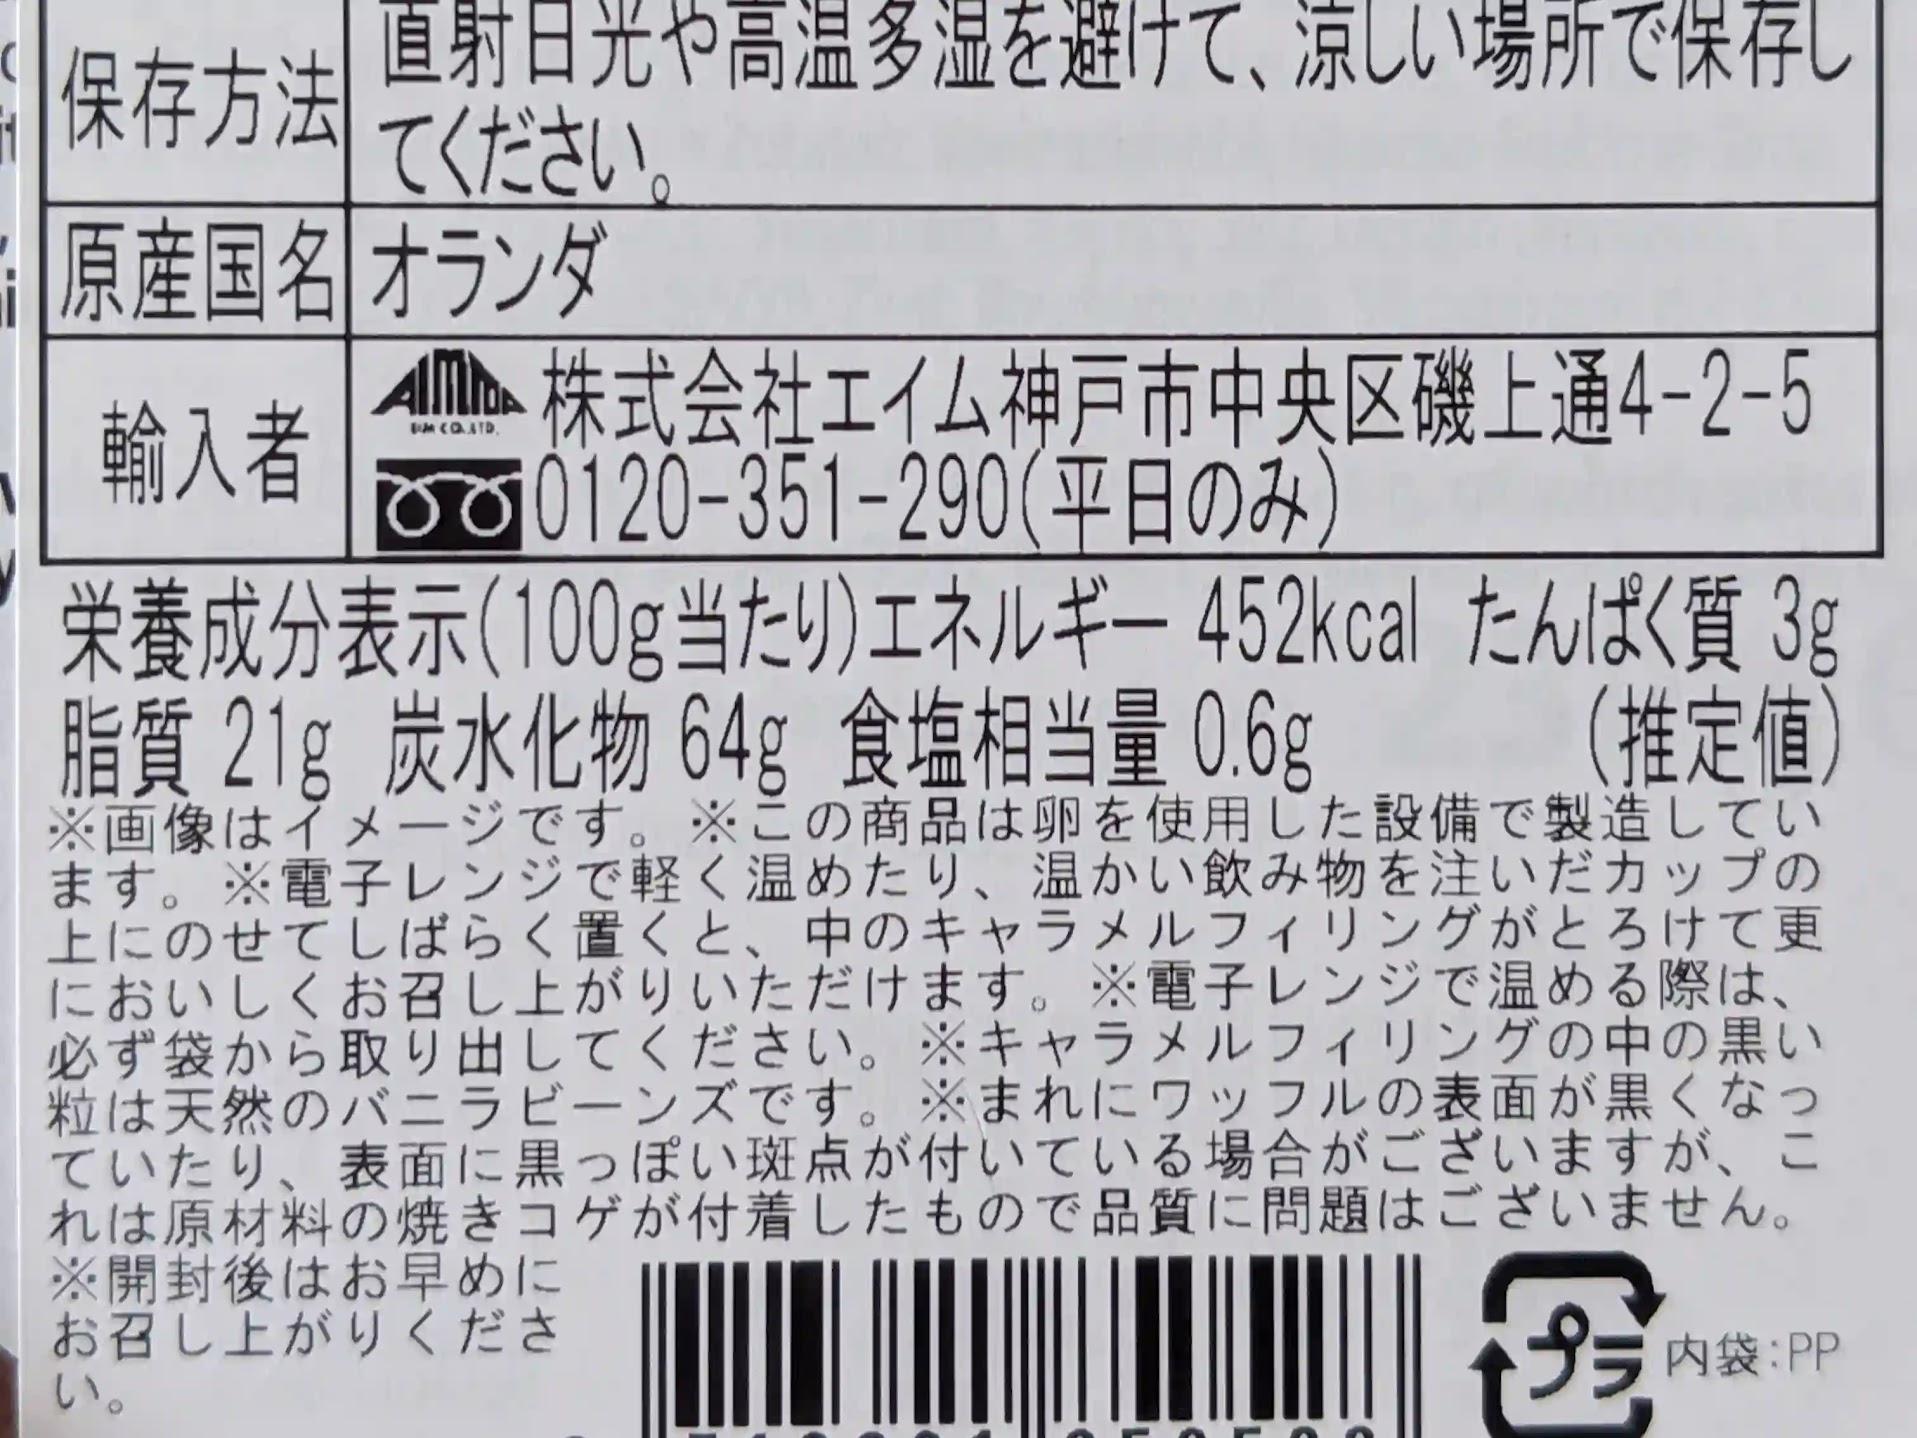 ダールマンズ キャラメルワッフル デルフト缶 栄養成分表示